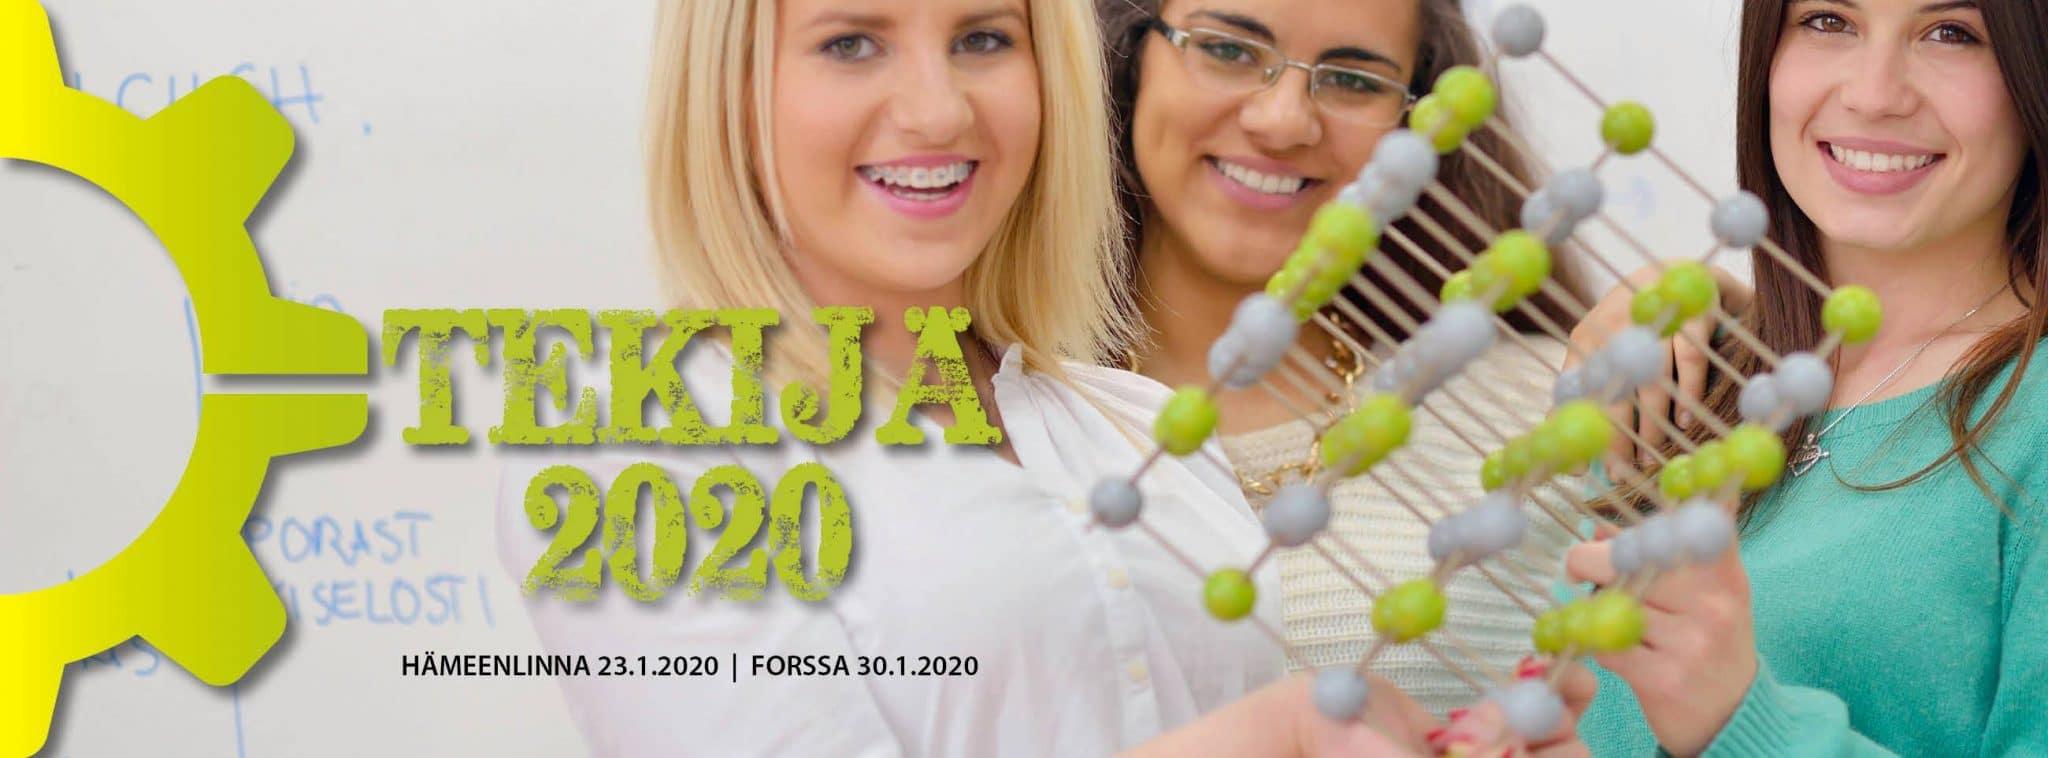 Tekijä 2020-tapahtuman logo